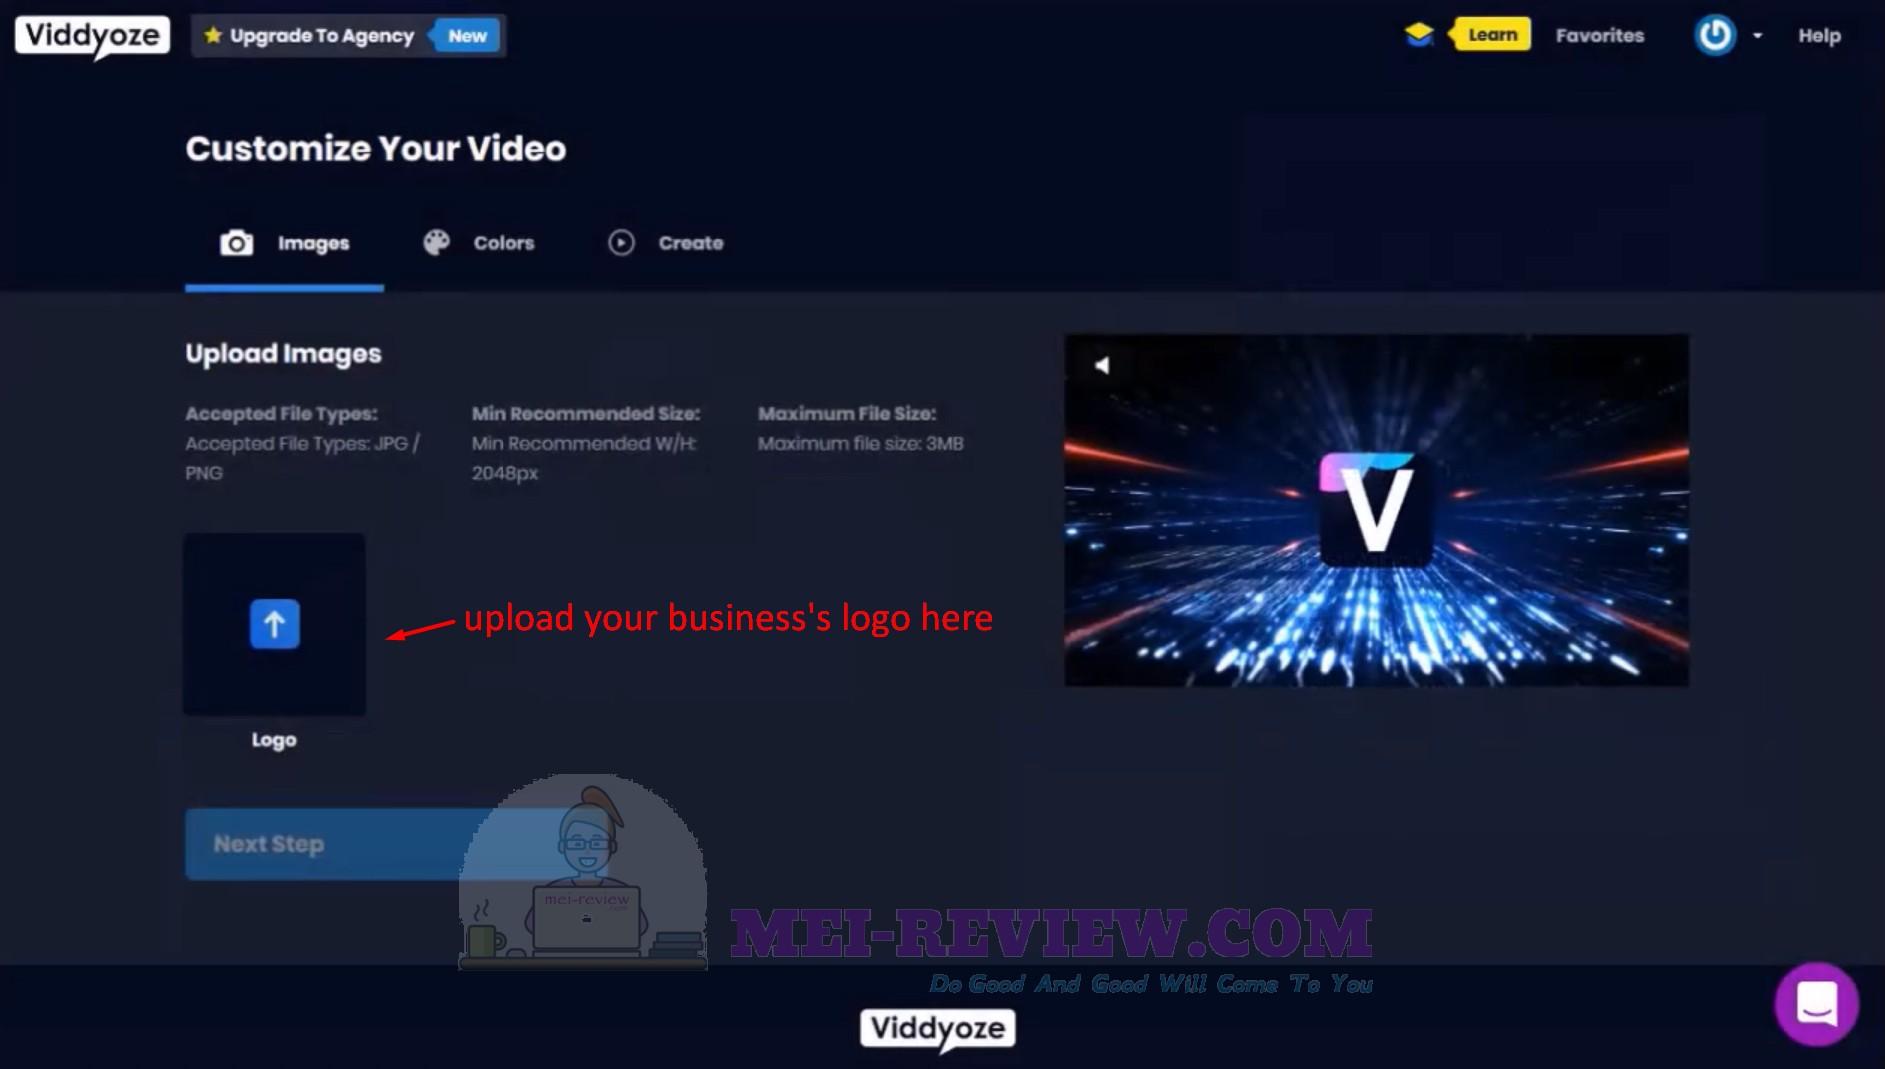 Viddyoze-Step-5-upload-logo